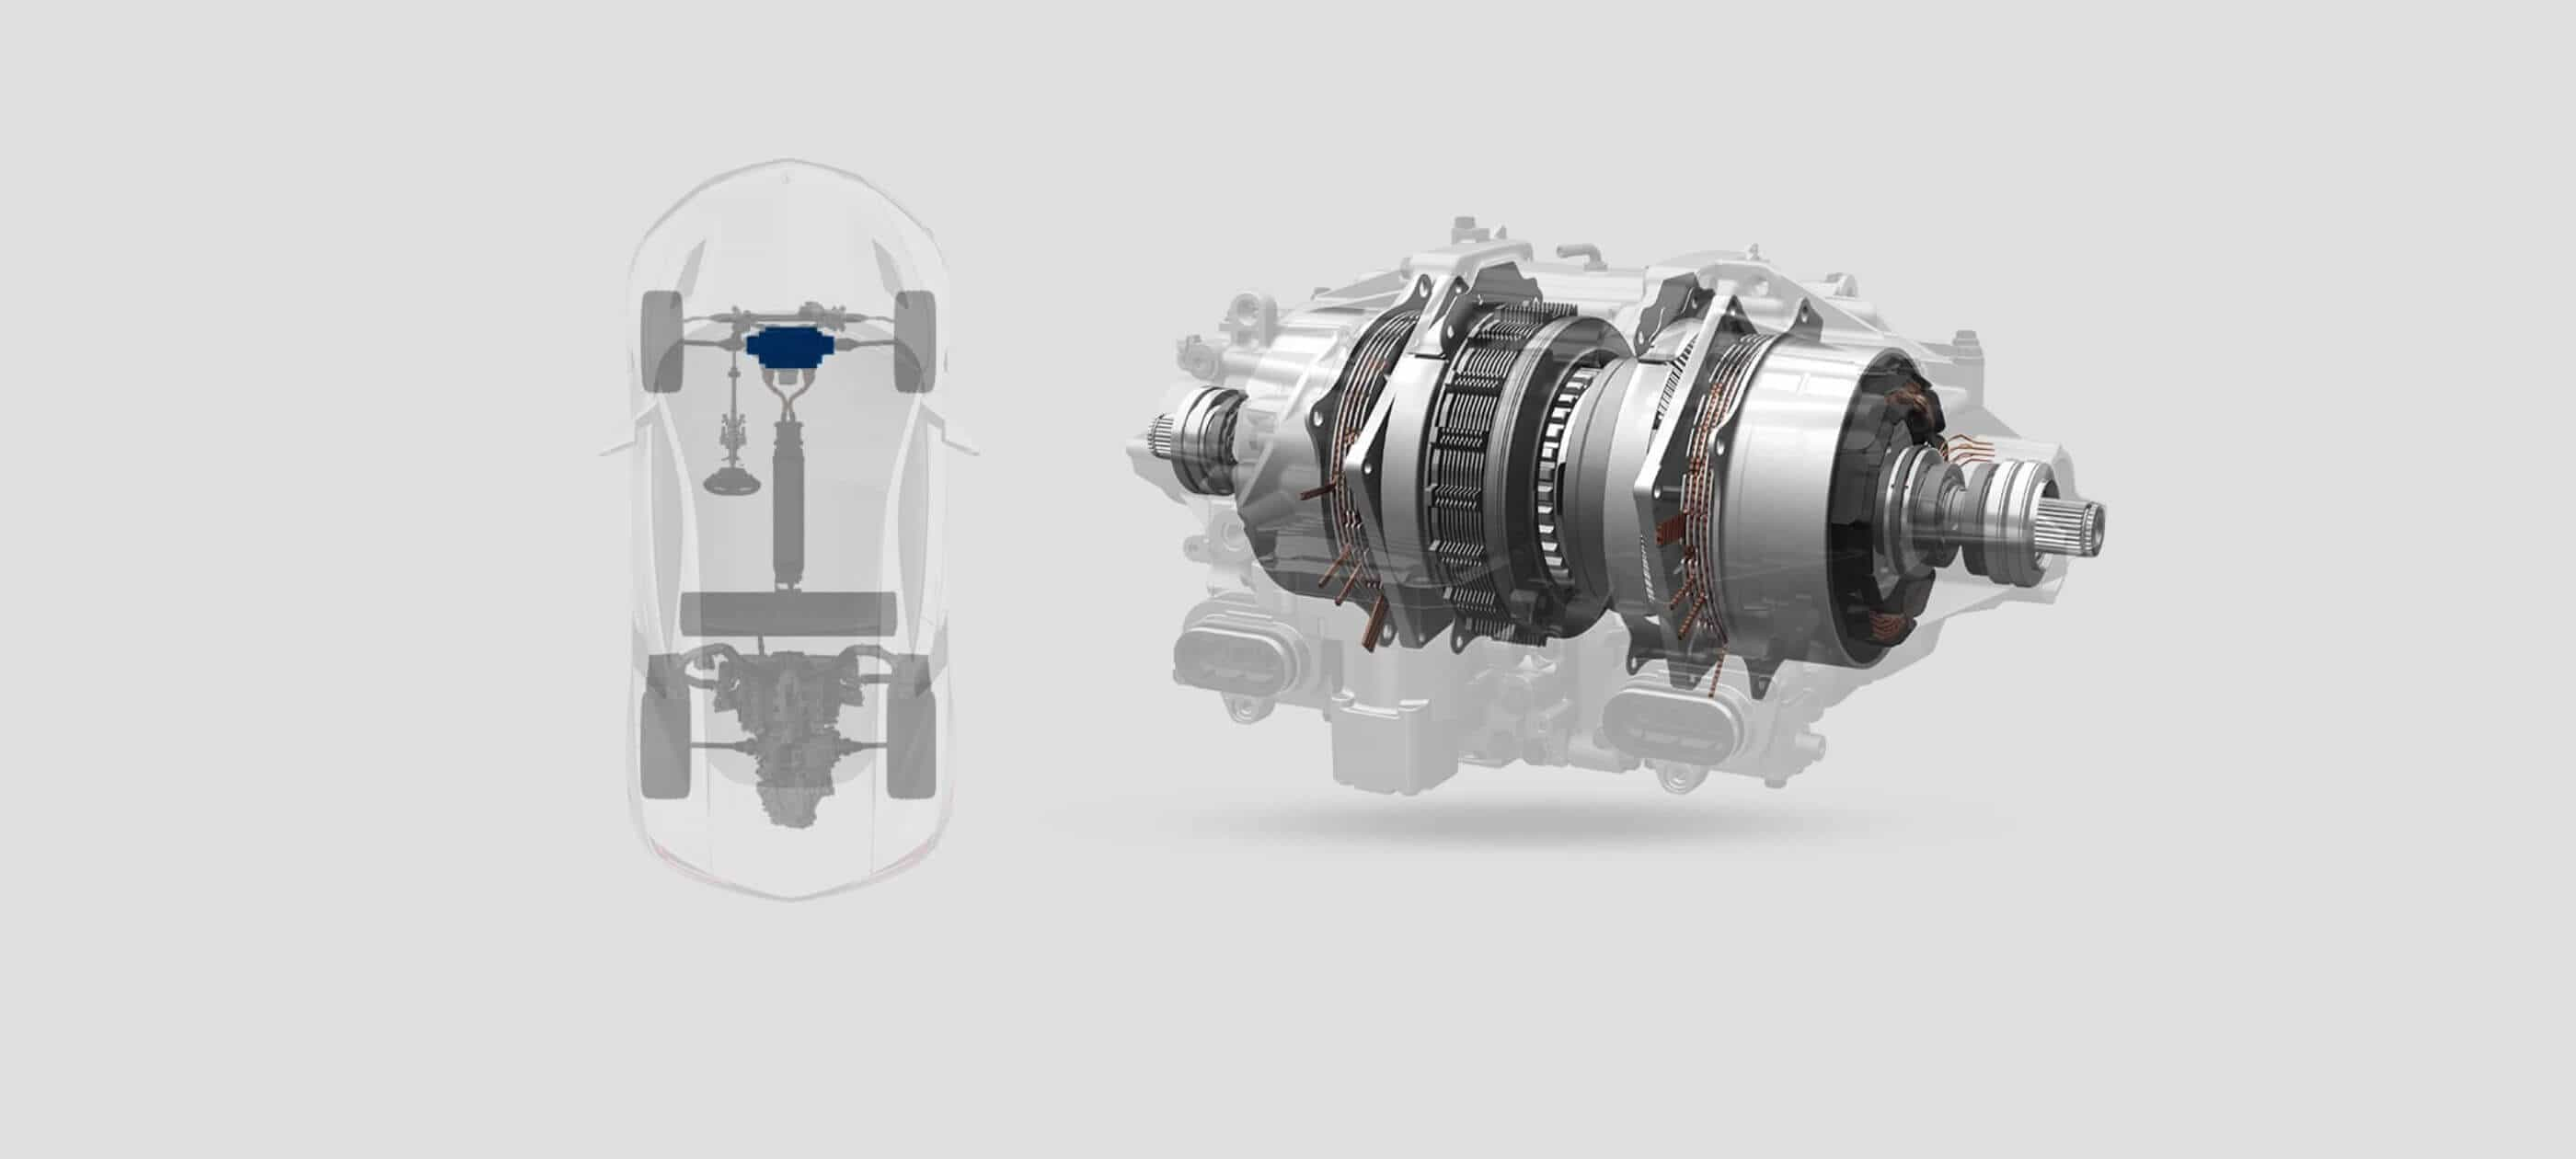 Twin Motor Unit (TMU)